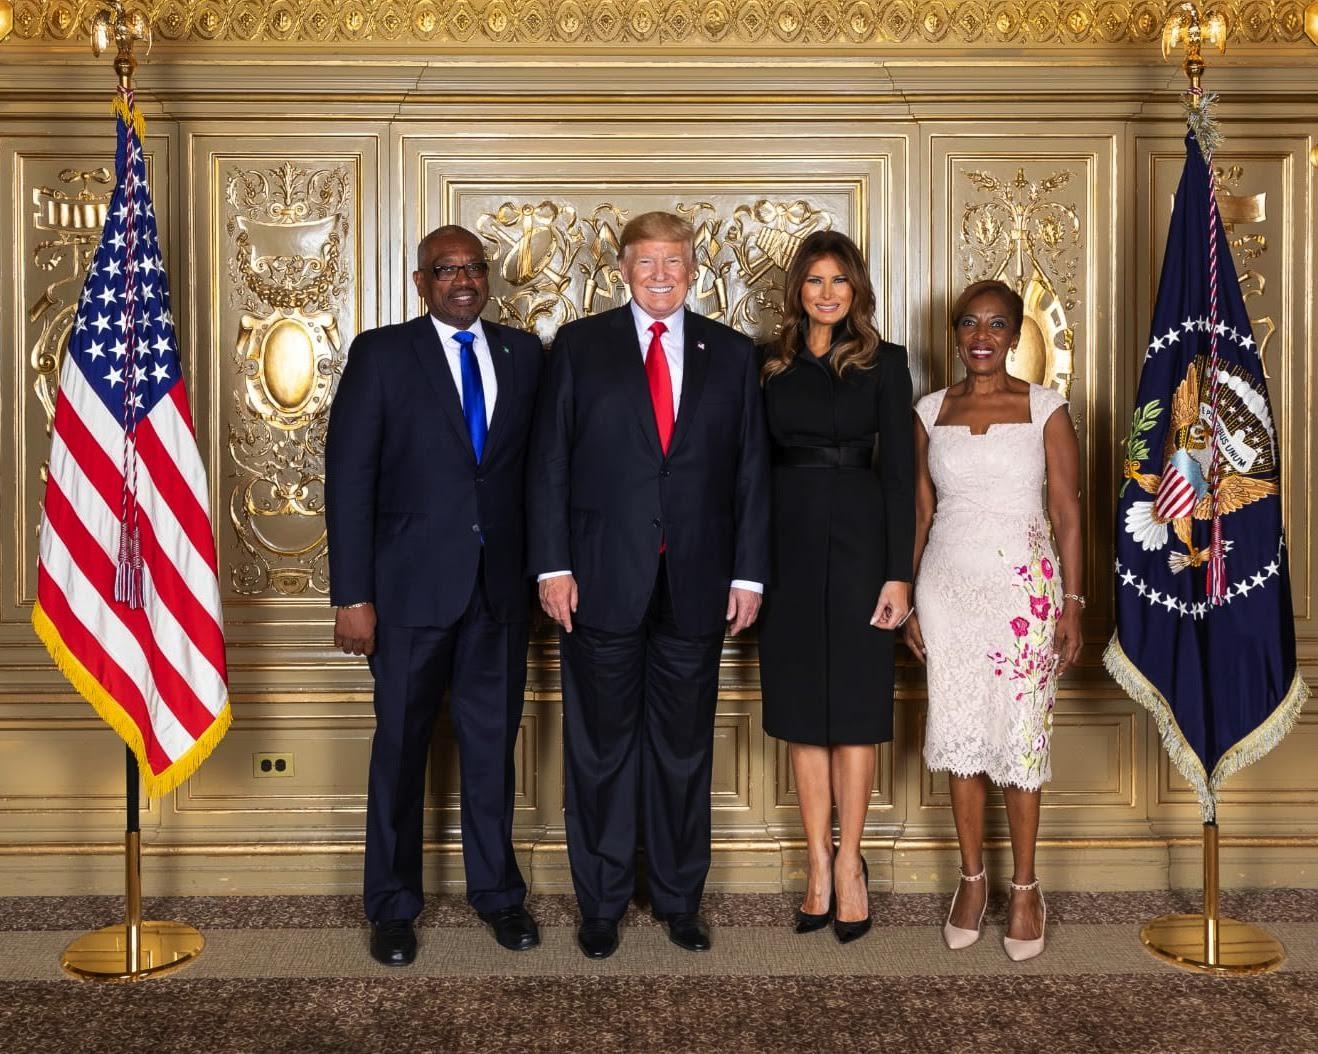 PM meets U.S. President Donald Trump